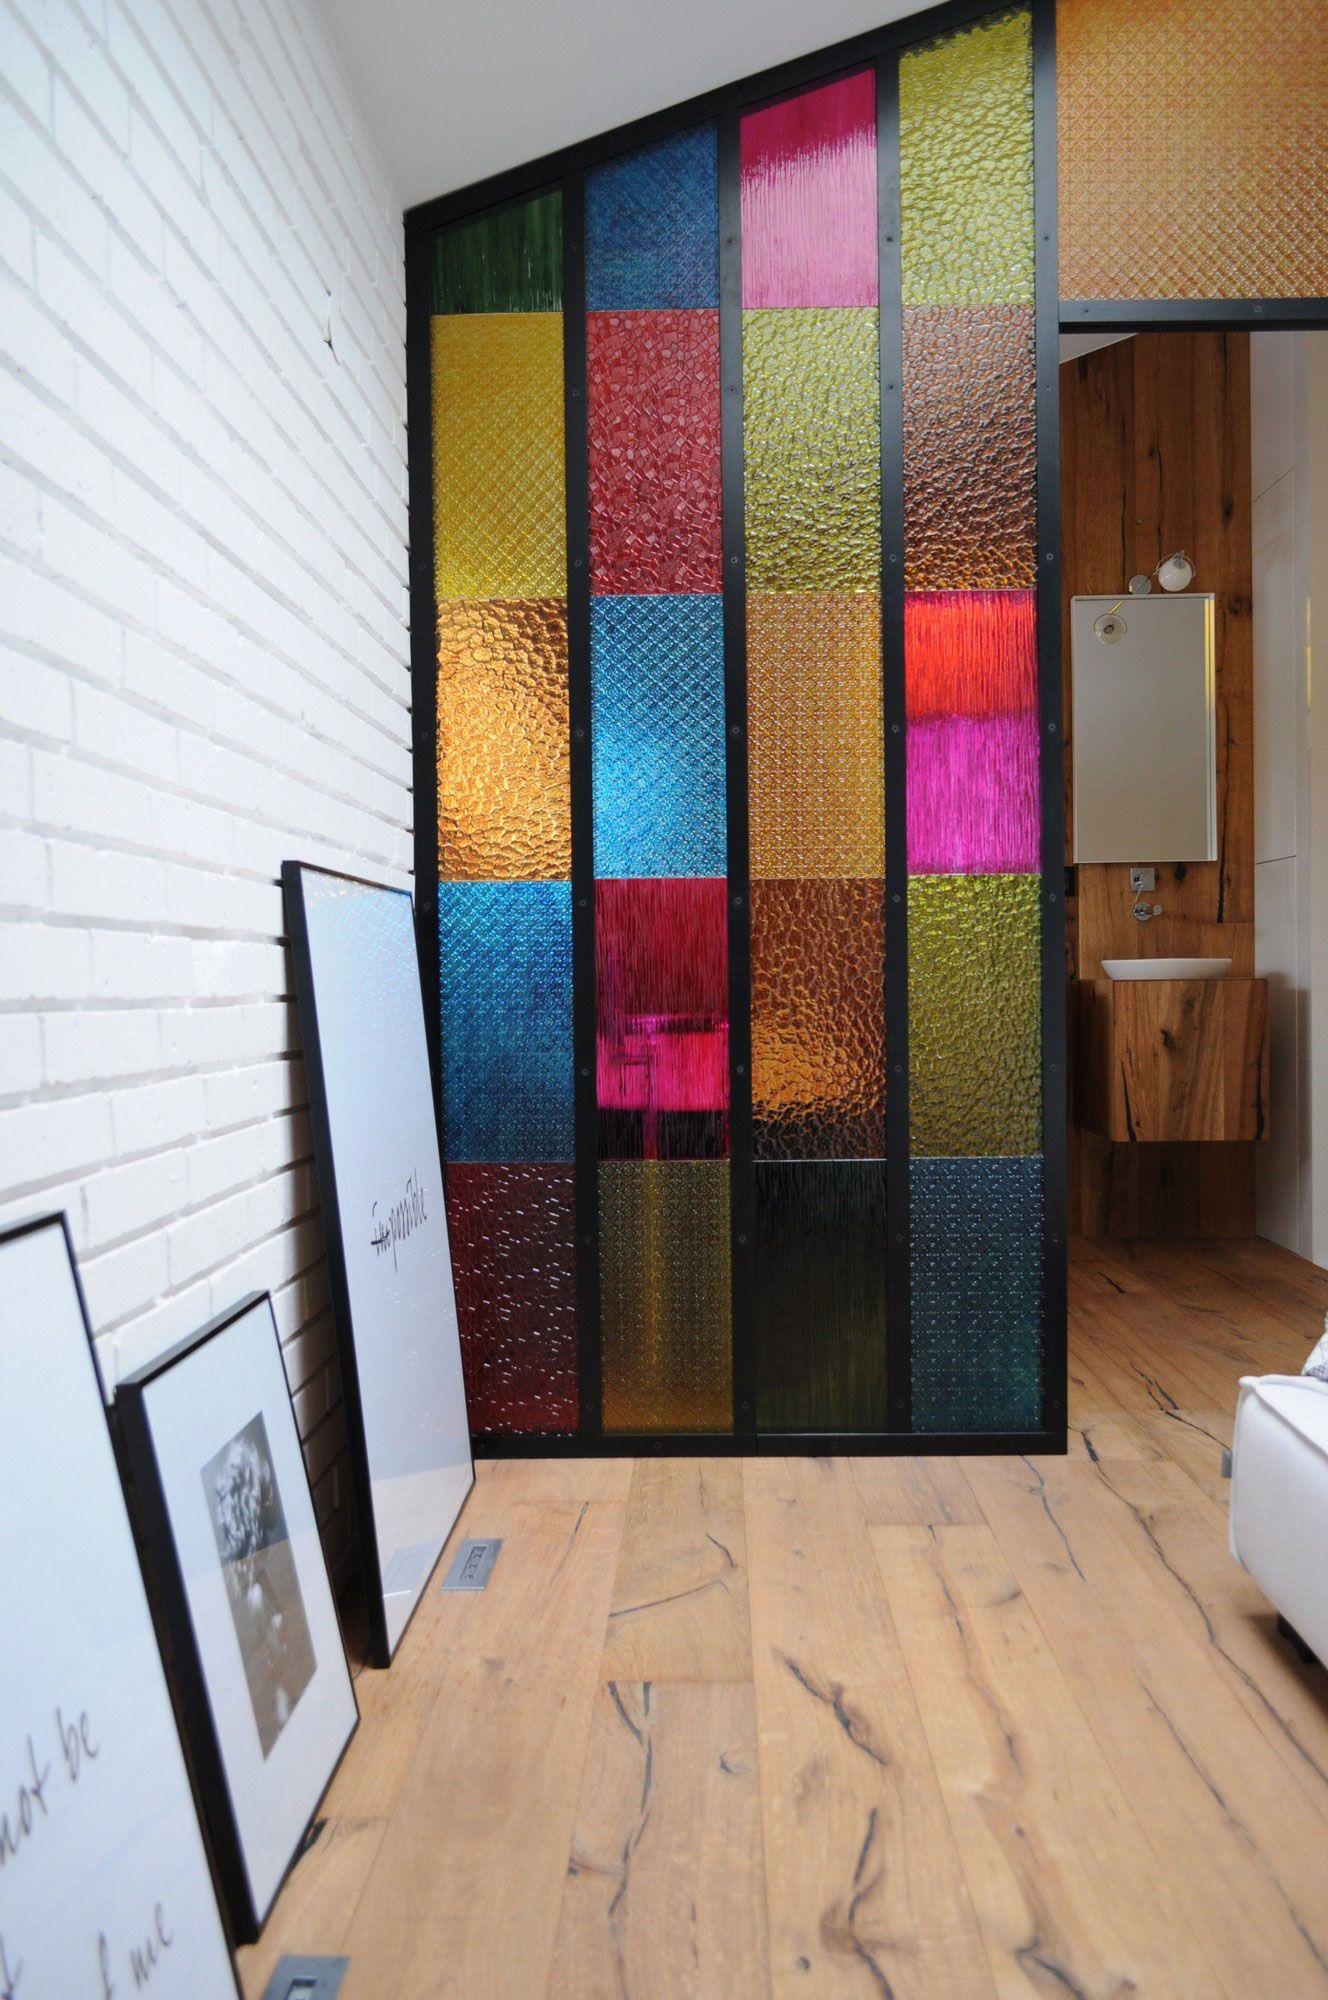 Bedroom bathroom partition in colored plastic panels diy idea